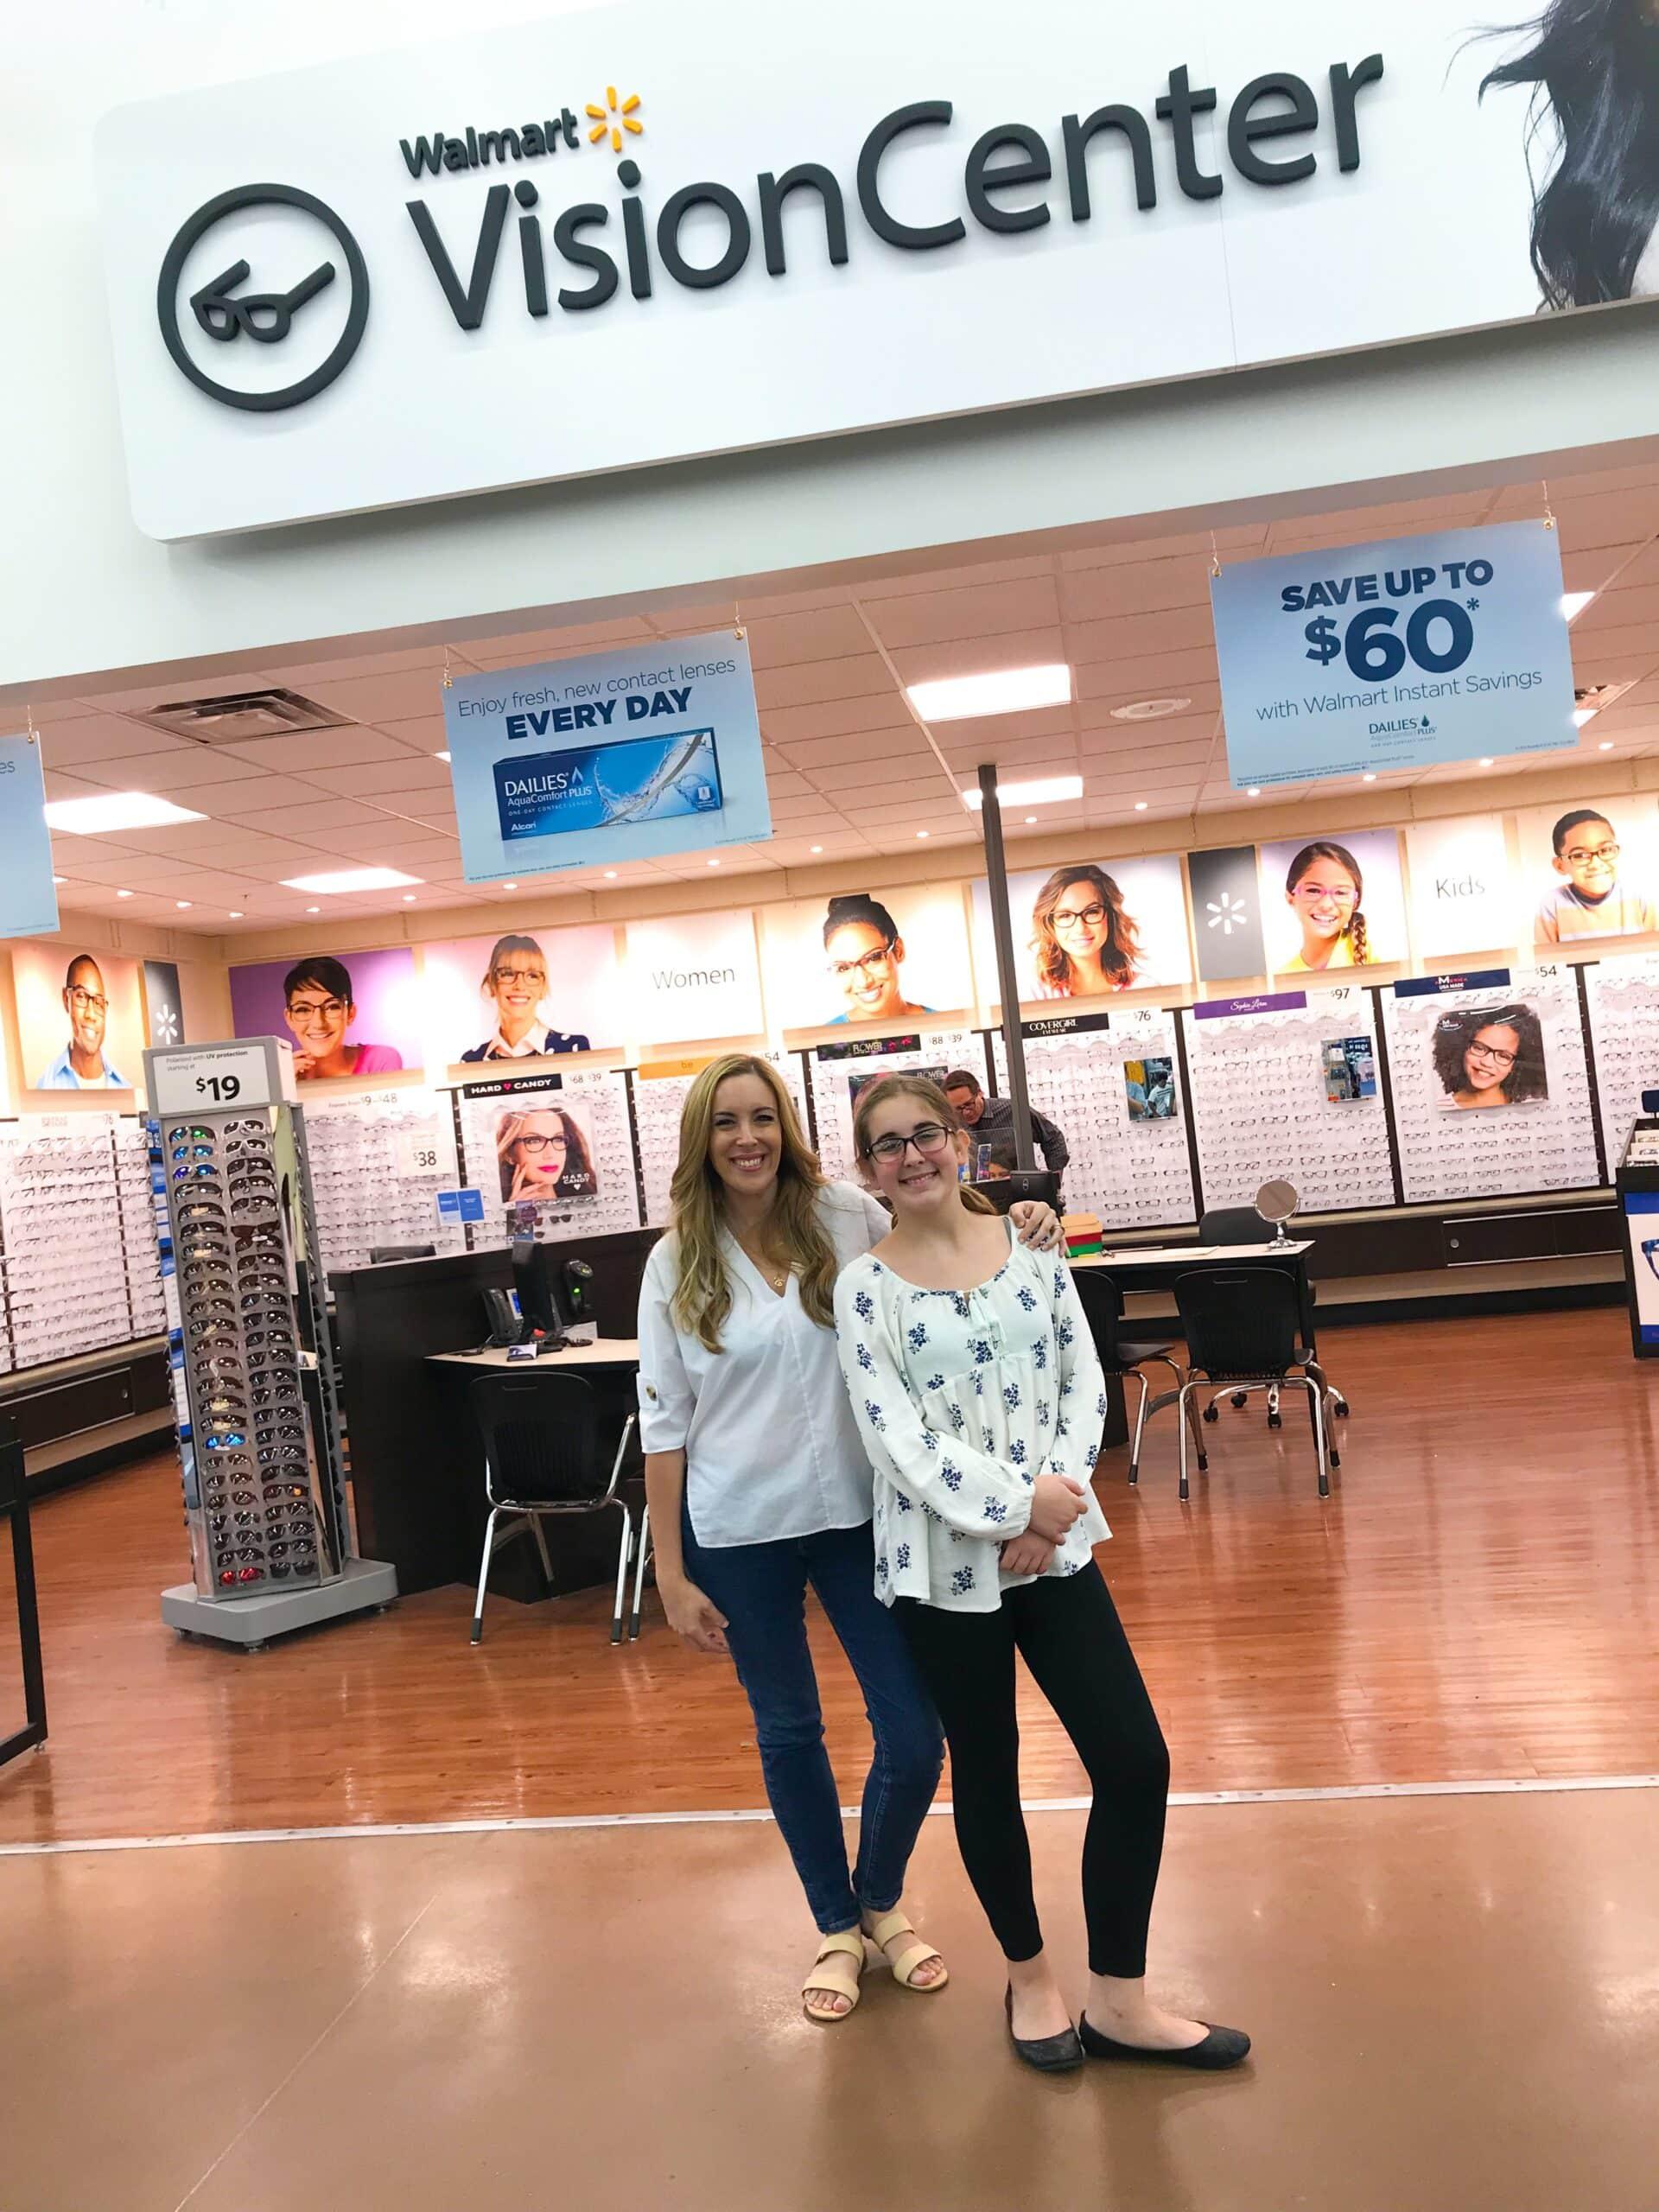 Walmart optical center - Online coupons best buy